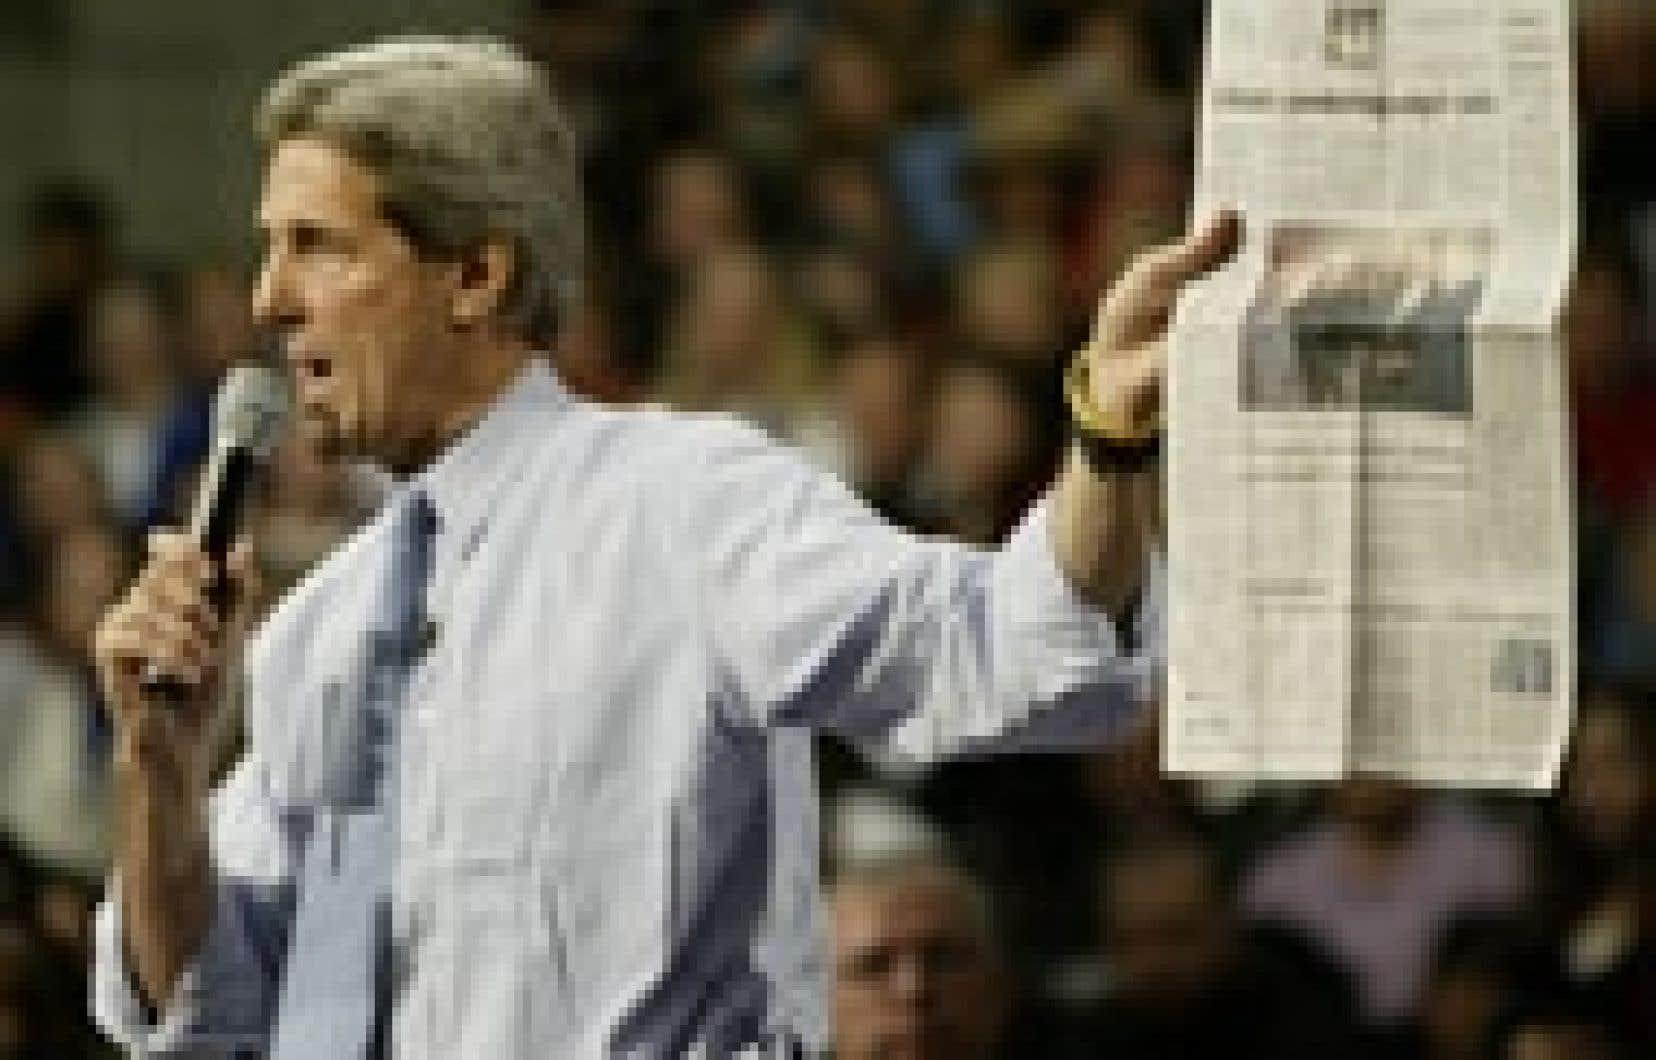 John Kerry a reçu l'appui de nombreux journaux lors de sa campagne électorale.